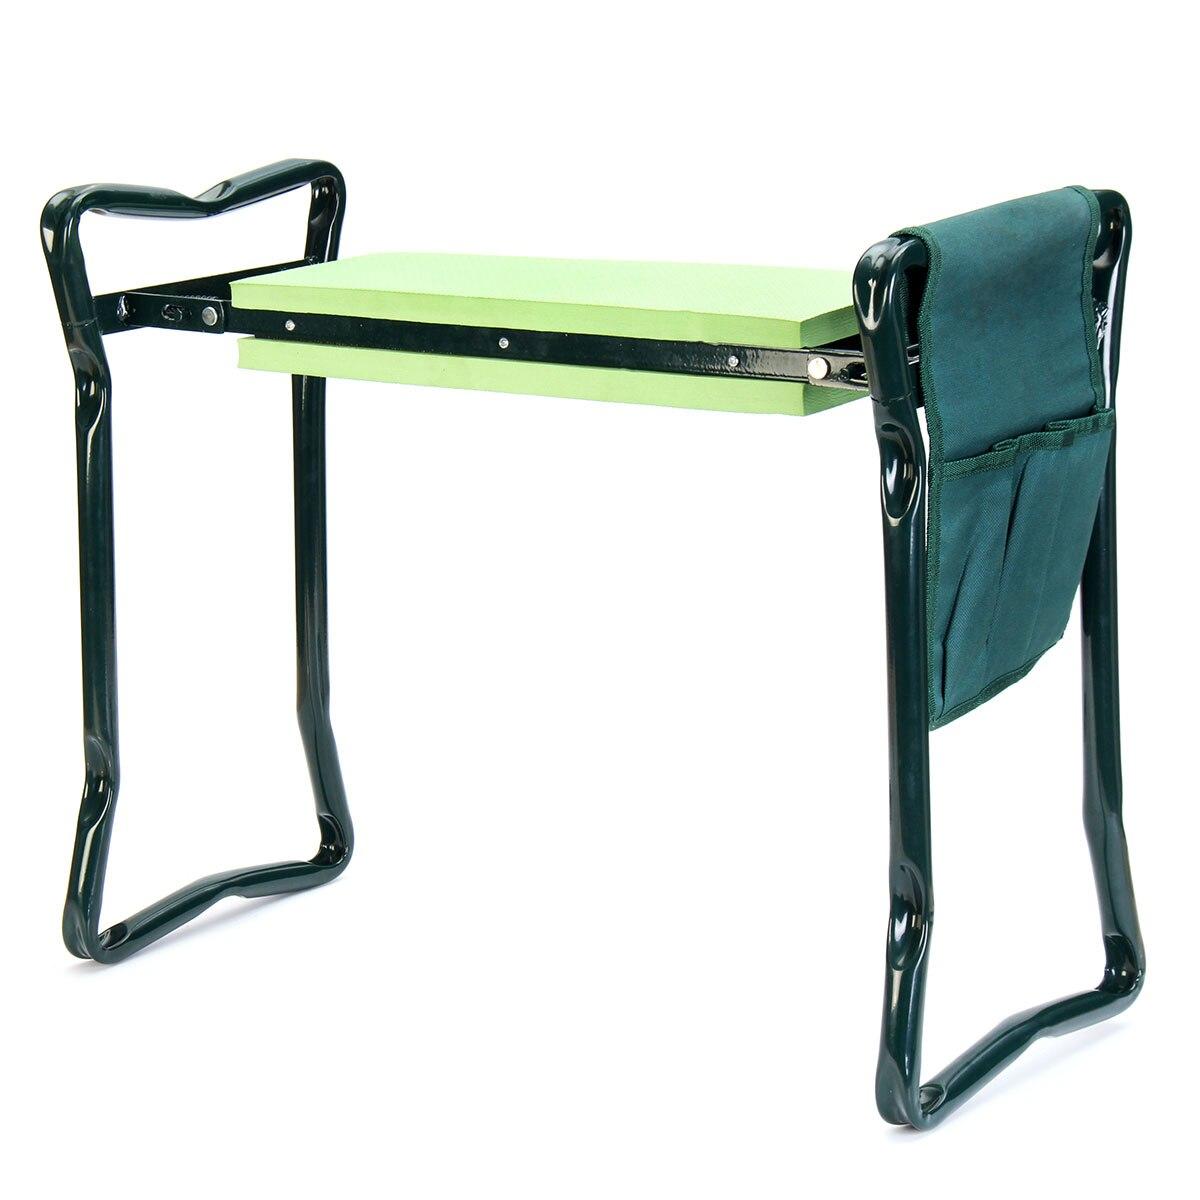 Genouillère de jardin avec poignées pliantes tabouret de jardin en acier inoxydable avec coussin à genoux EVA chaise de jardinage